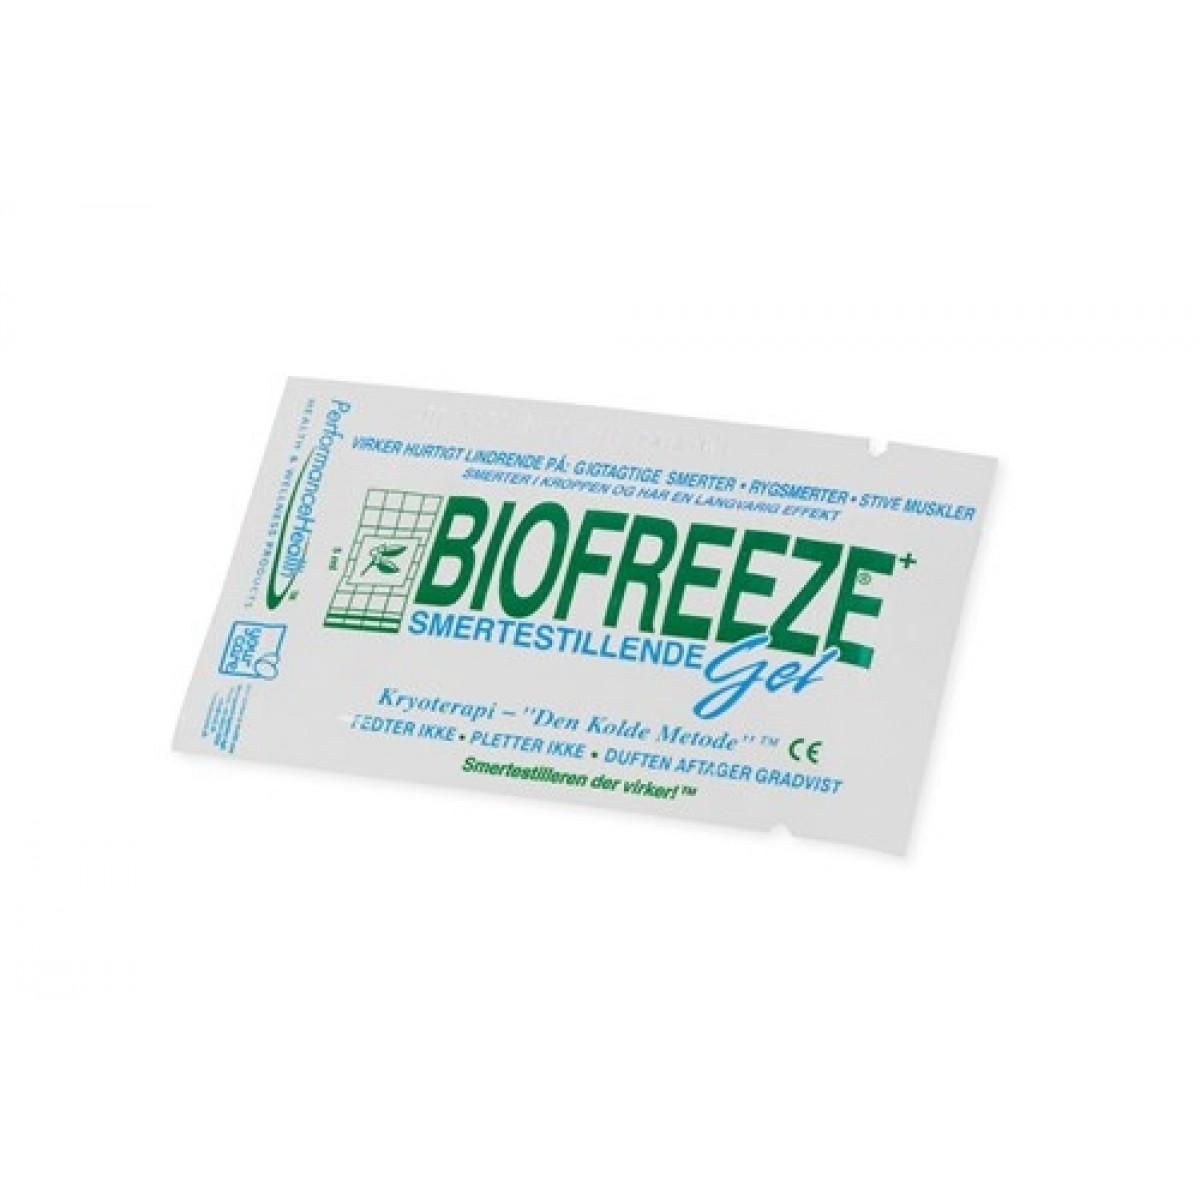 Biofreeze5grprve-31